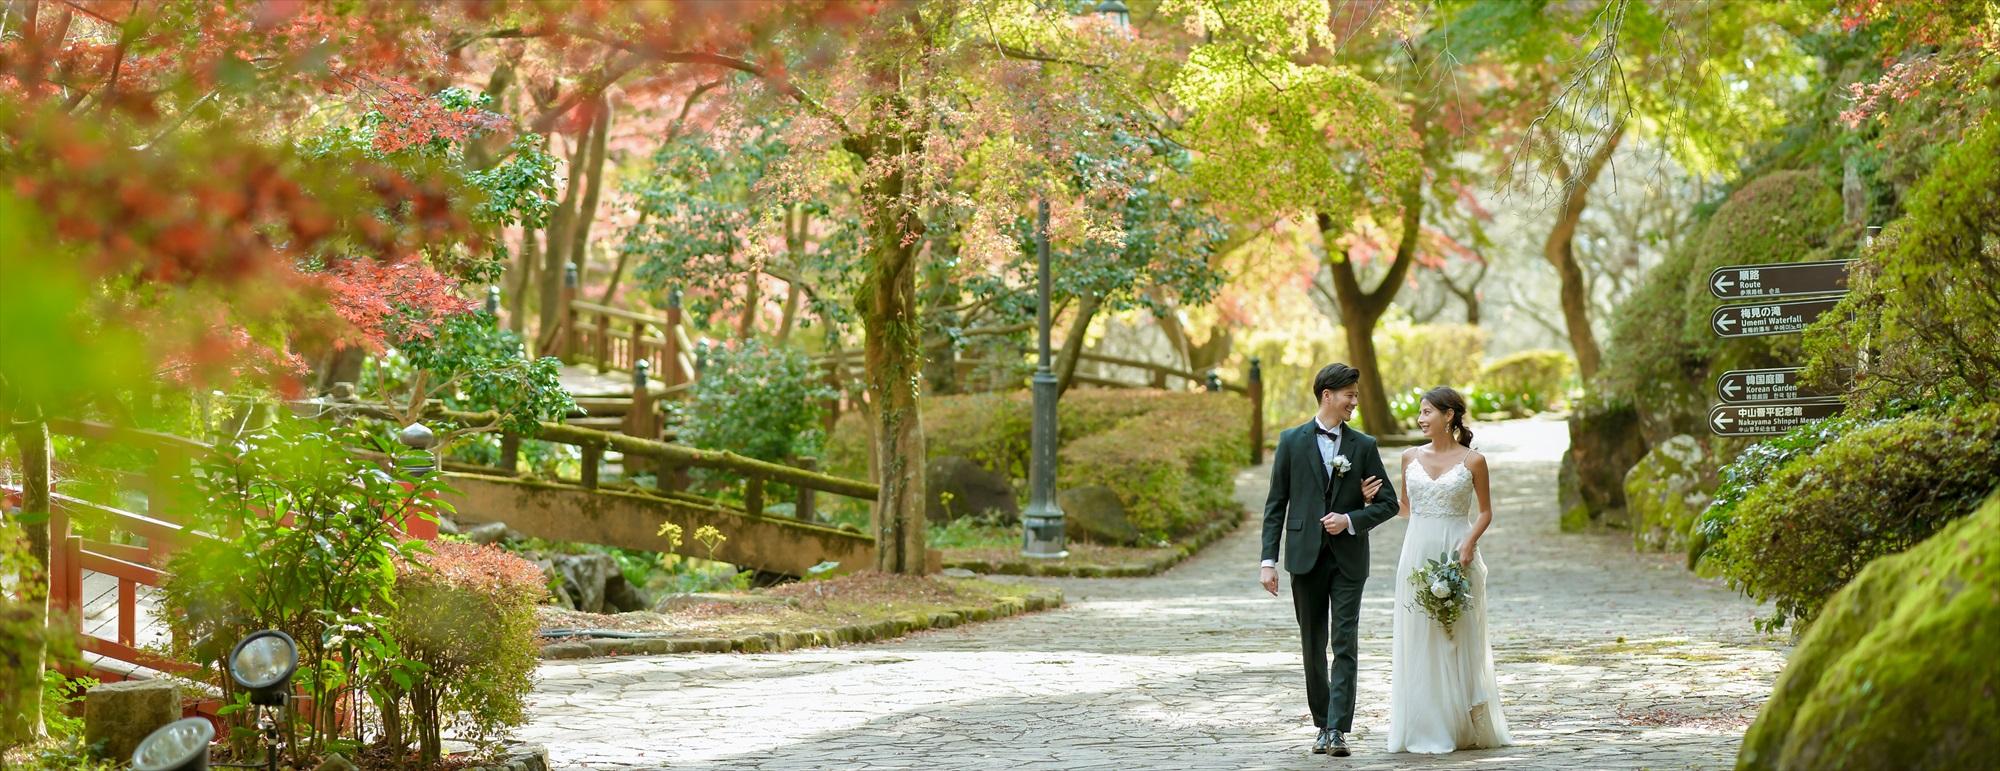 熱海フォトウェディング Atami Plum Garden Photo Wedding 熱海梅園 フォトウェディング